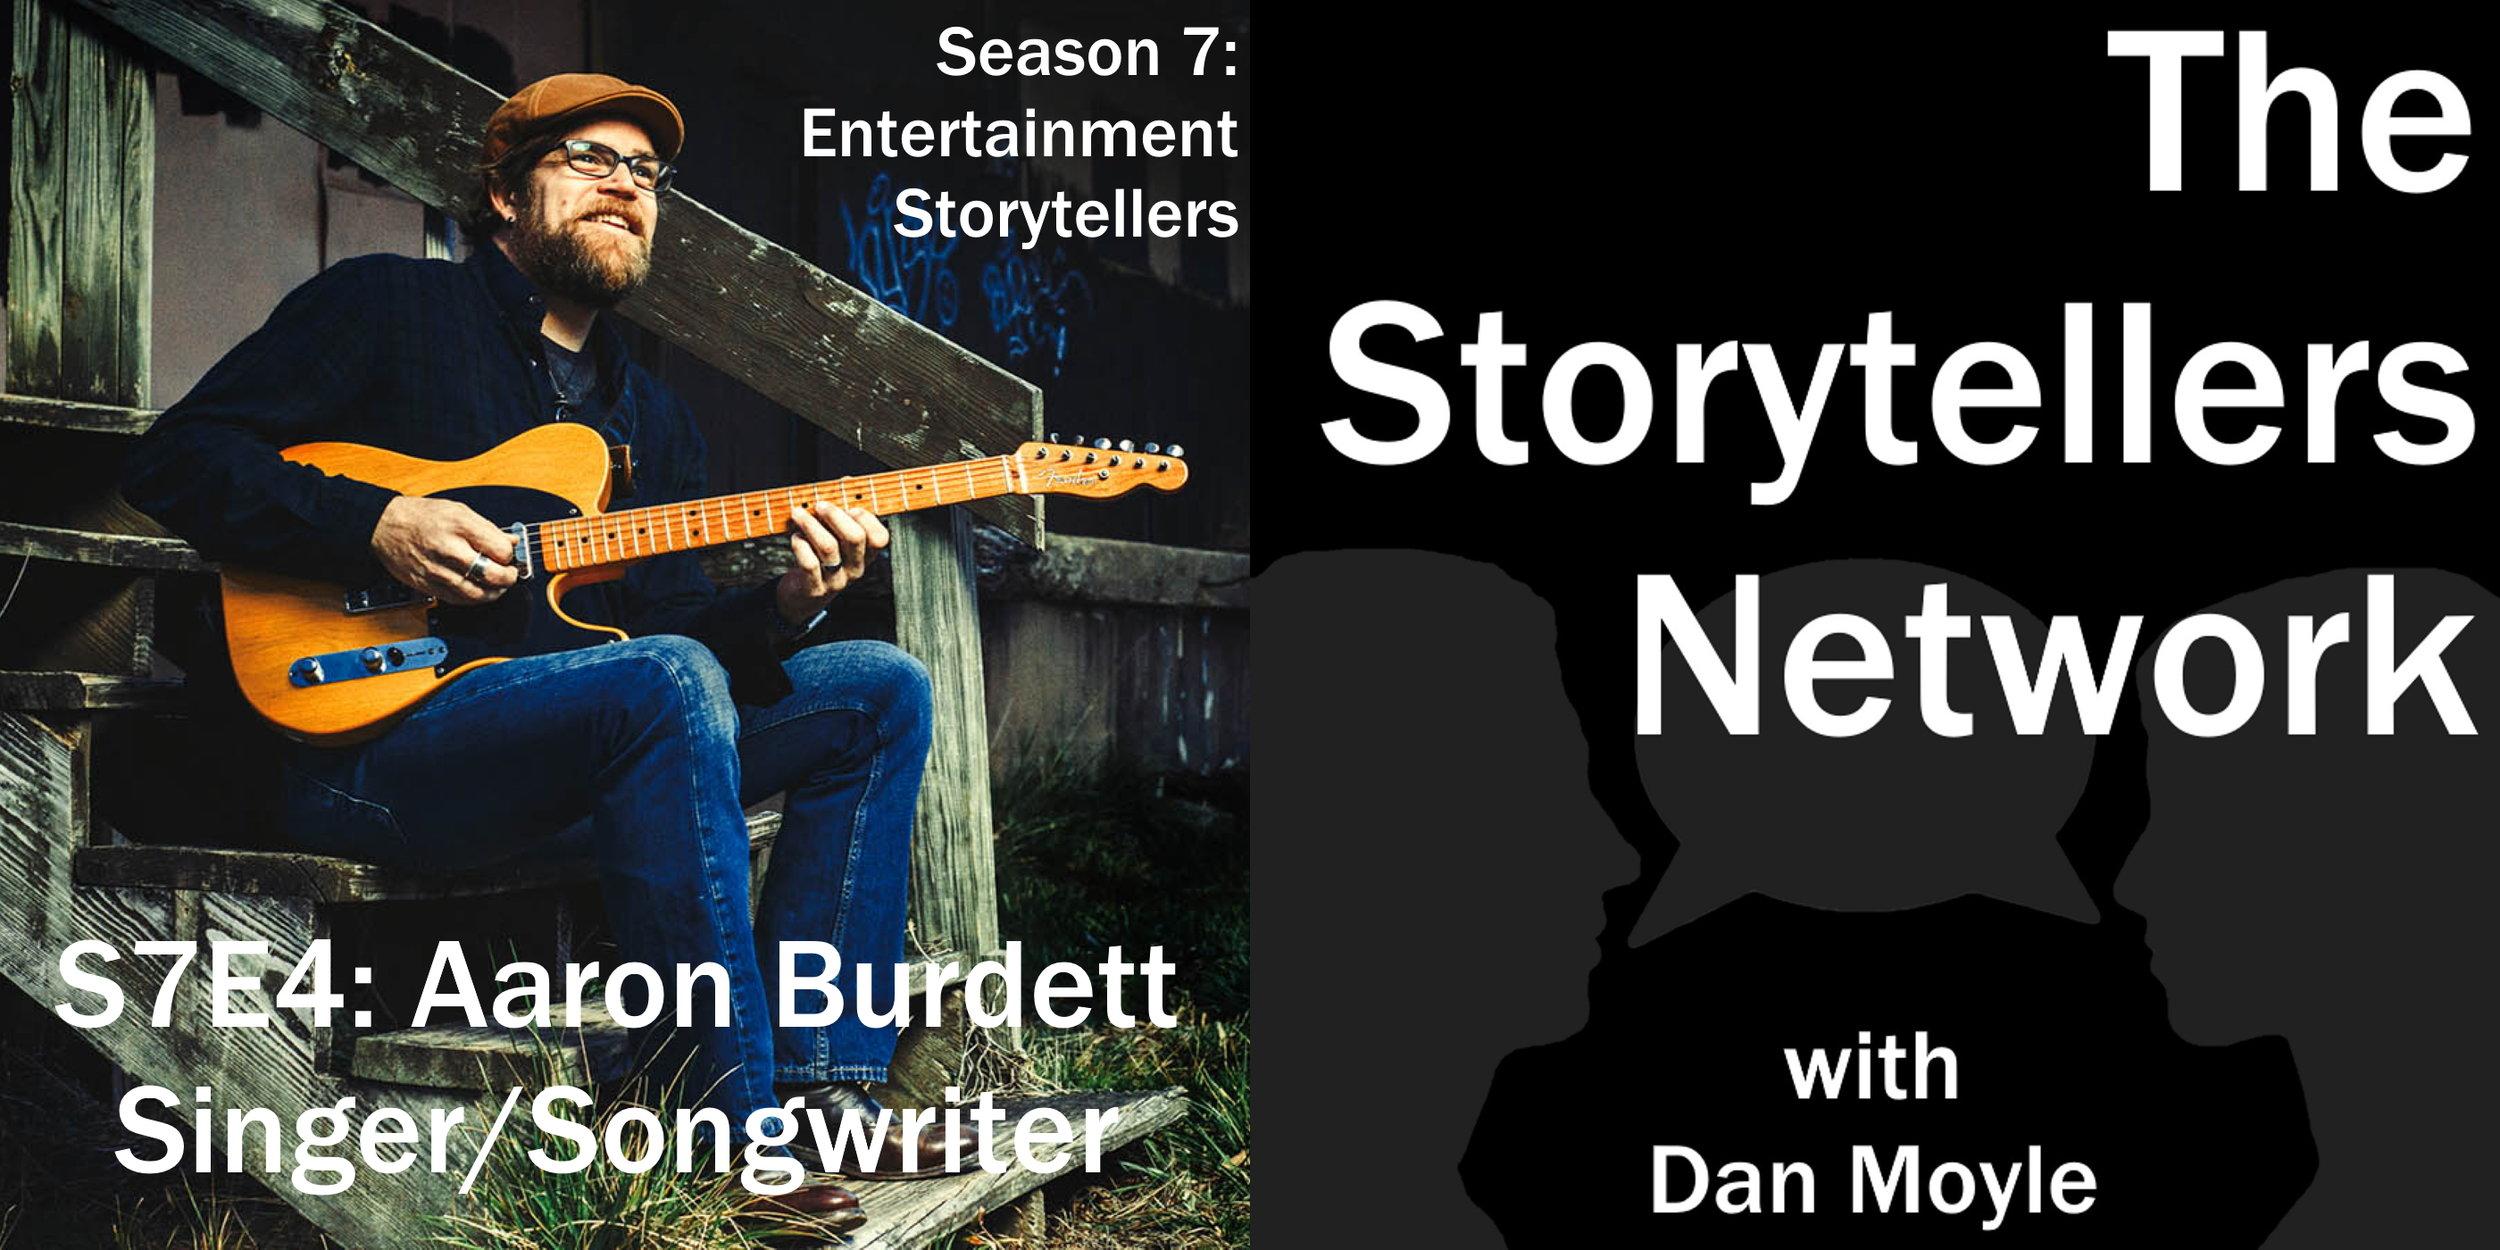 7-4 Aaron Burdett Episode Artwork.jpg